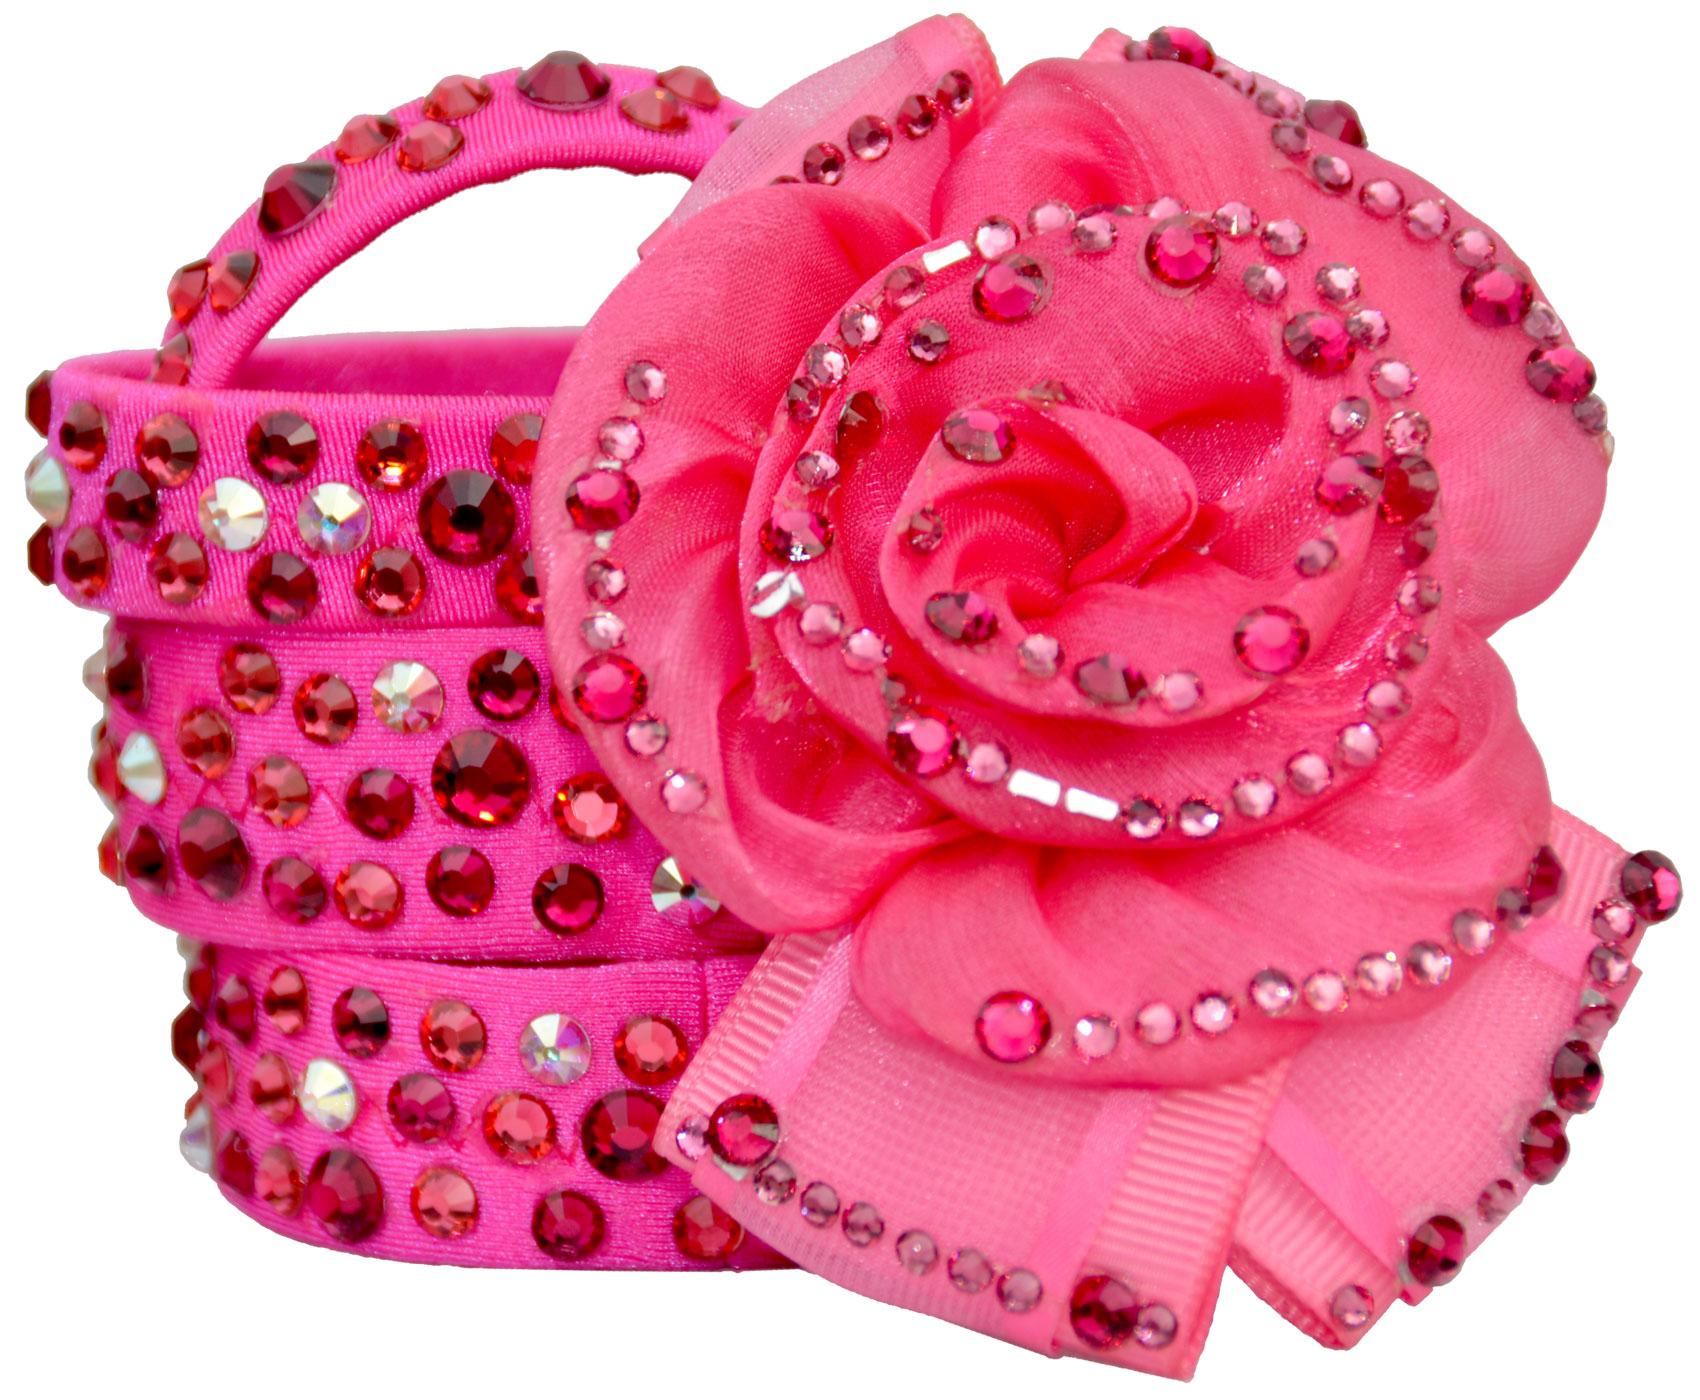 Hot Pink Bracelets & Rose